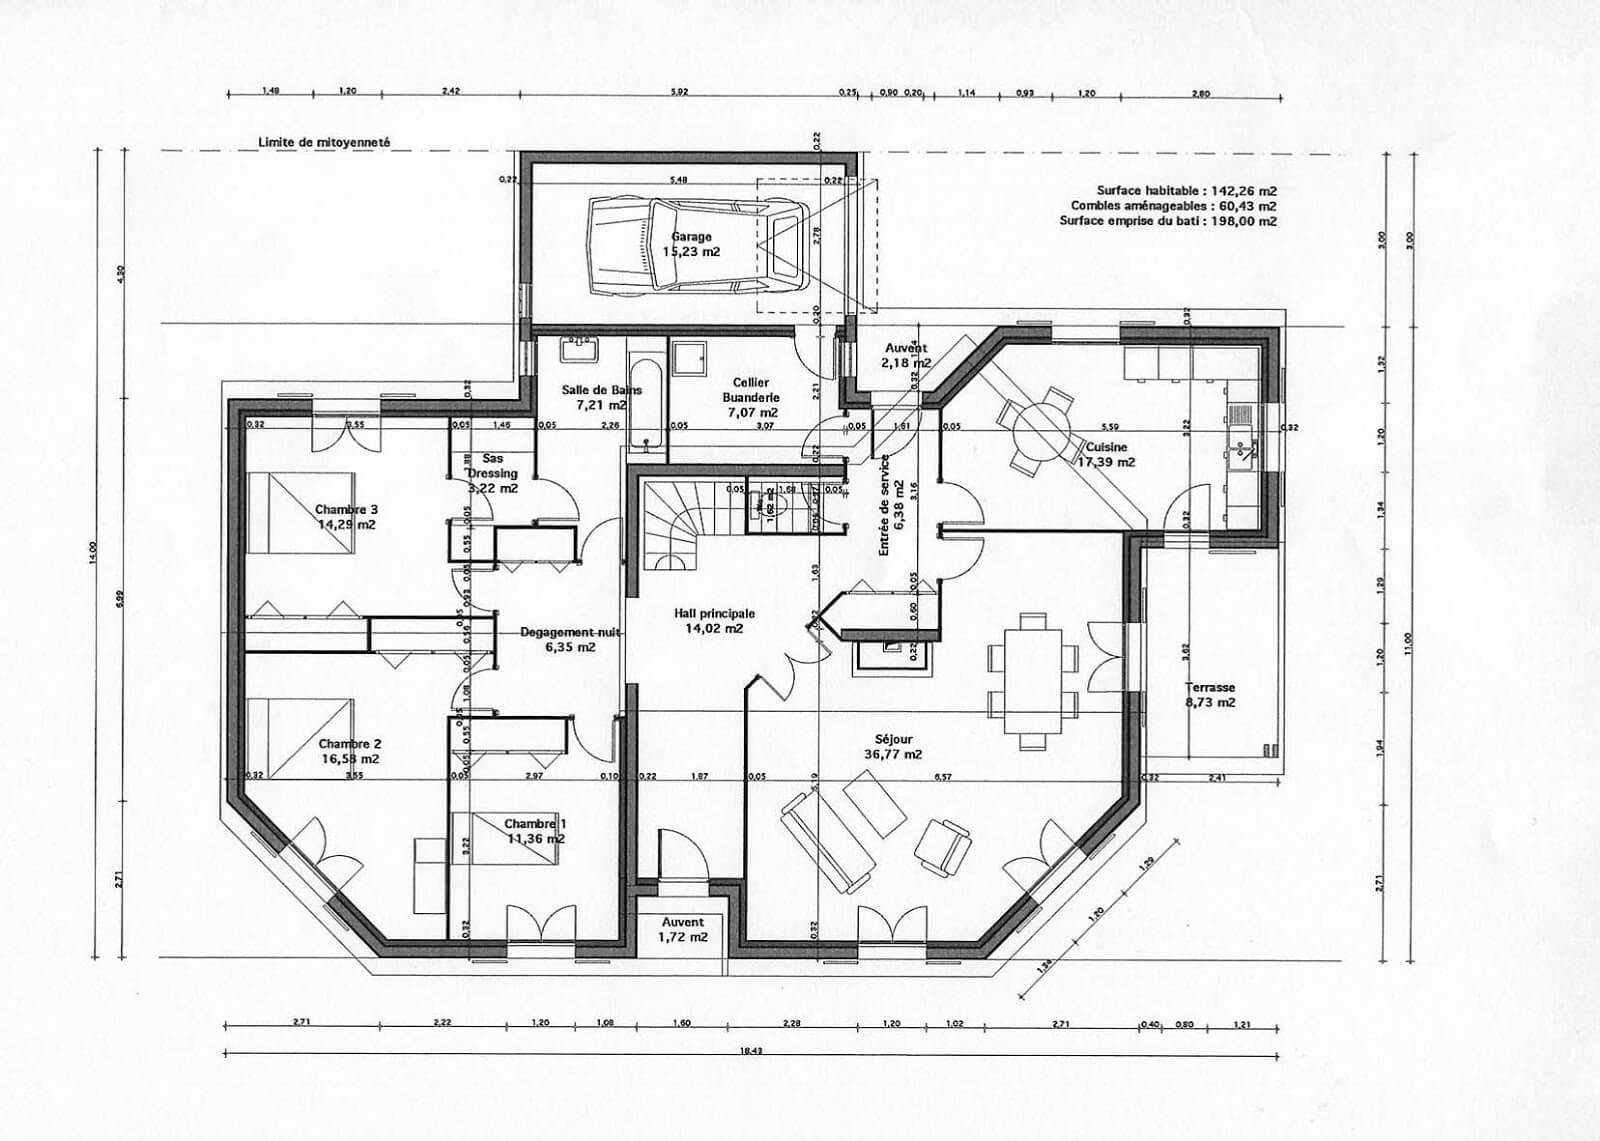 98 Plans De Maison   Livre De Plan De Maison . Idees Etonnantes